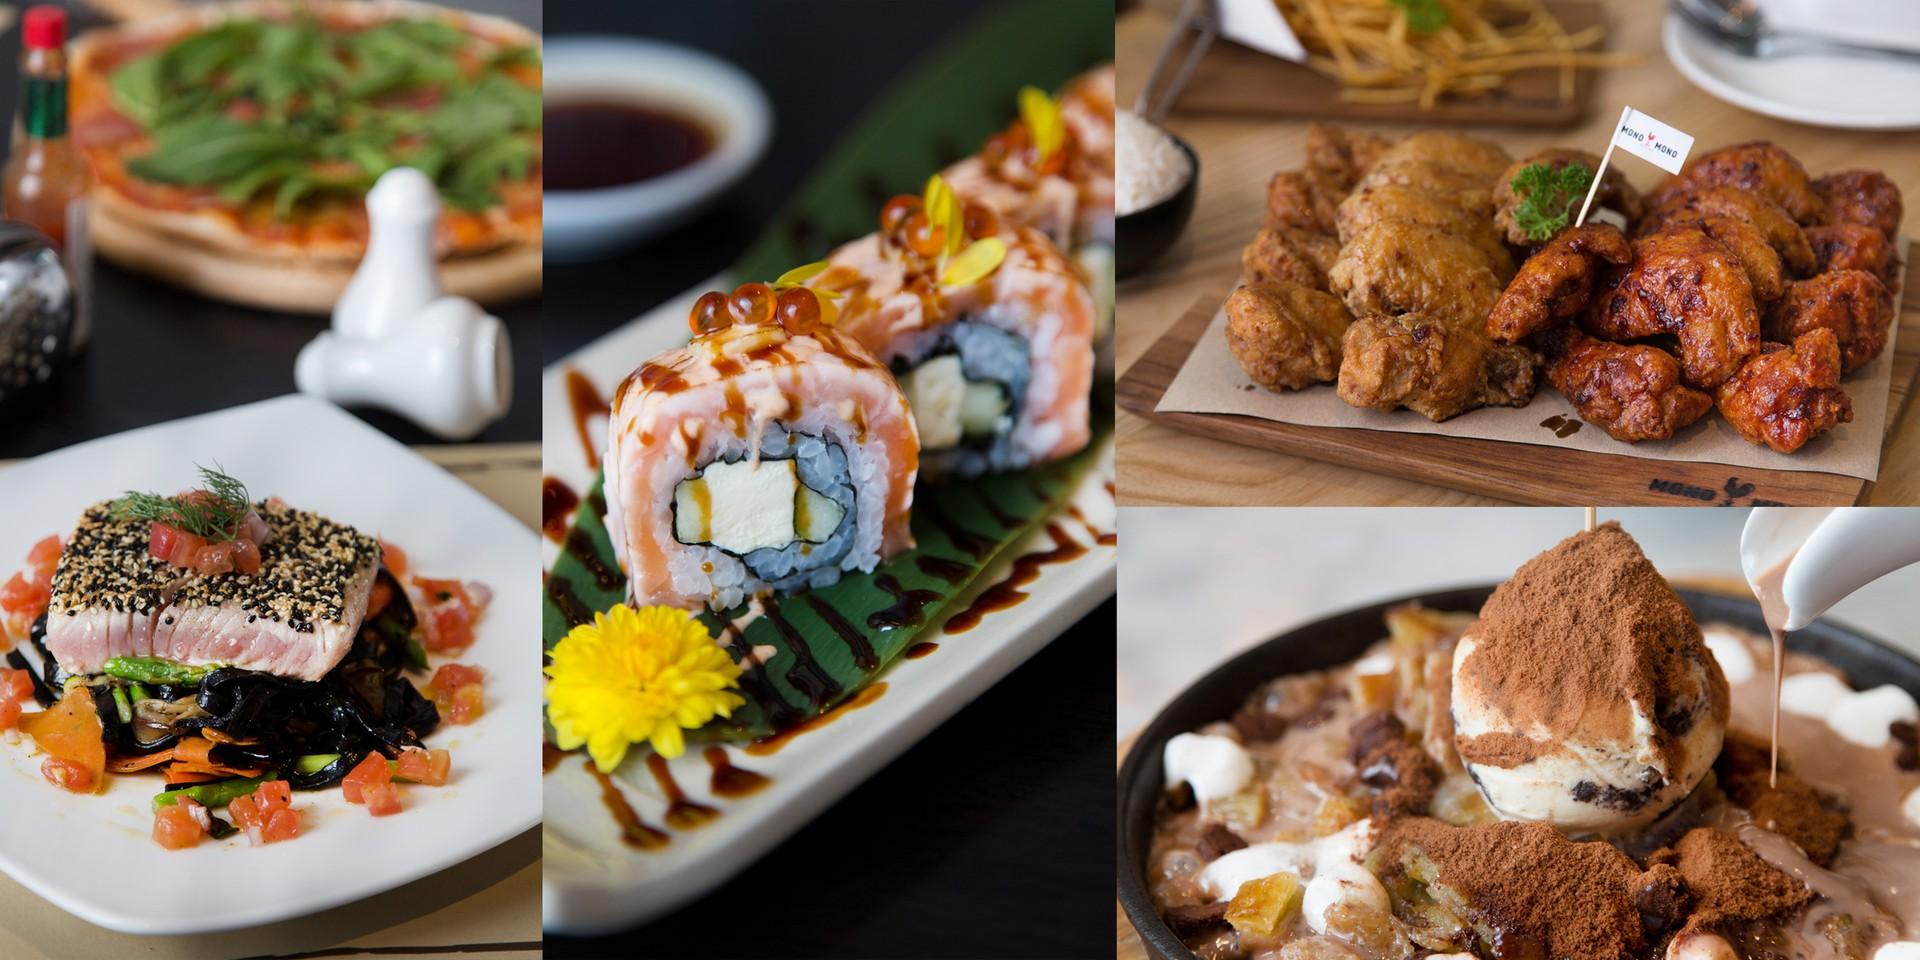 เปิดกระเพาะที่สาม! สนองความอยากอาหารให้ถึงที่สุด! ที่ Zeatery @ Zpell